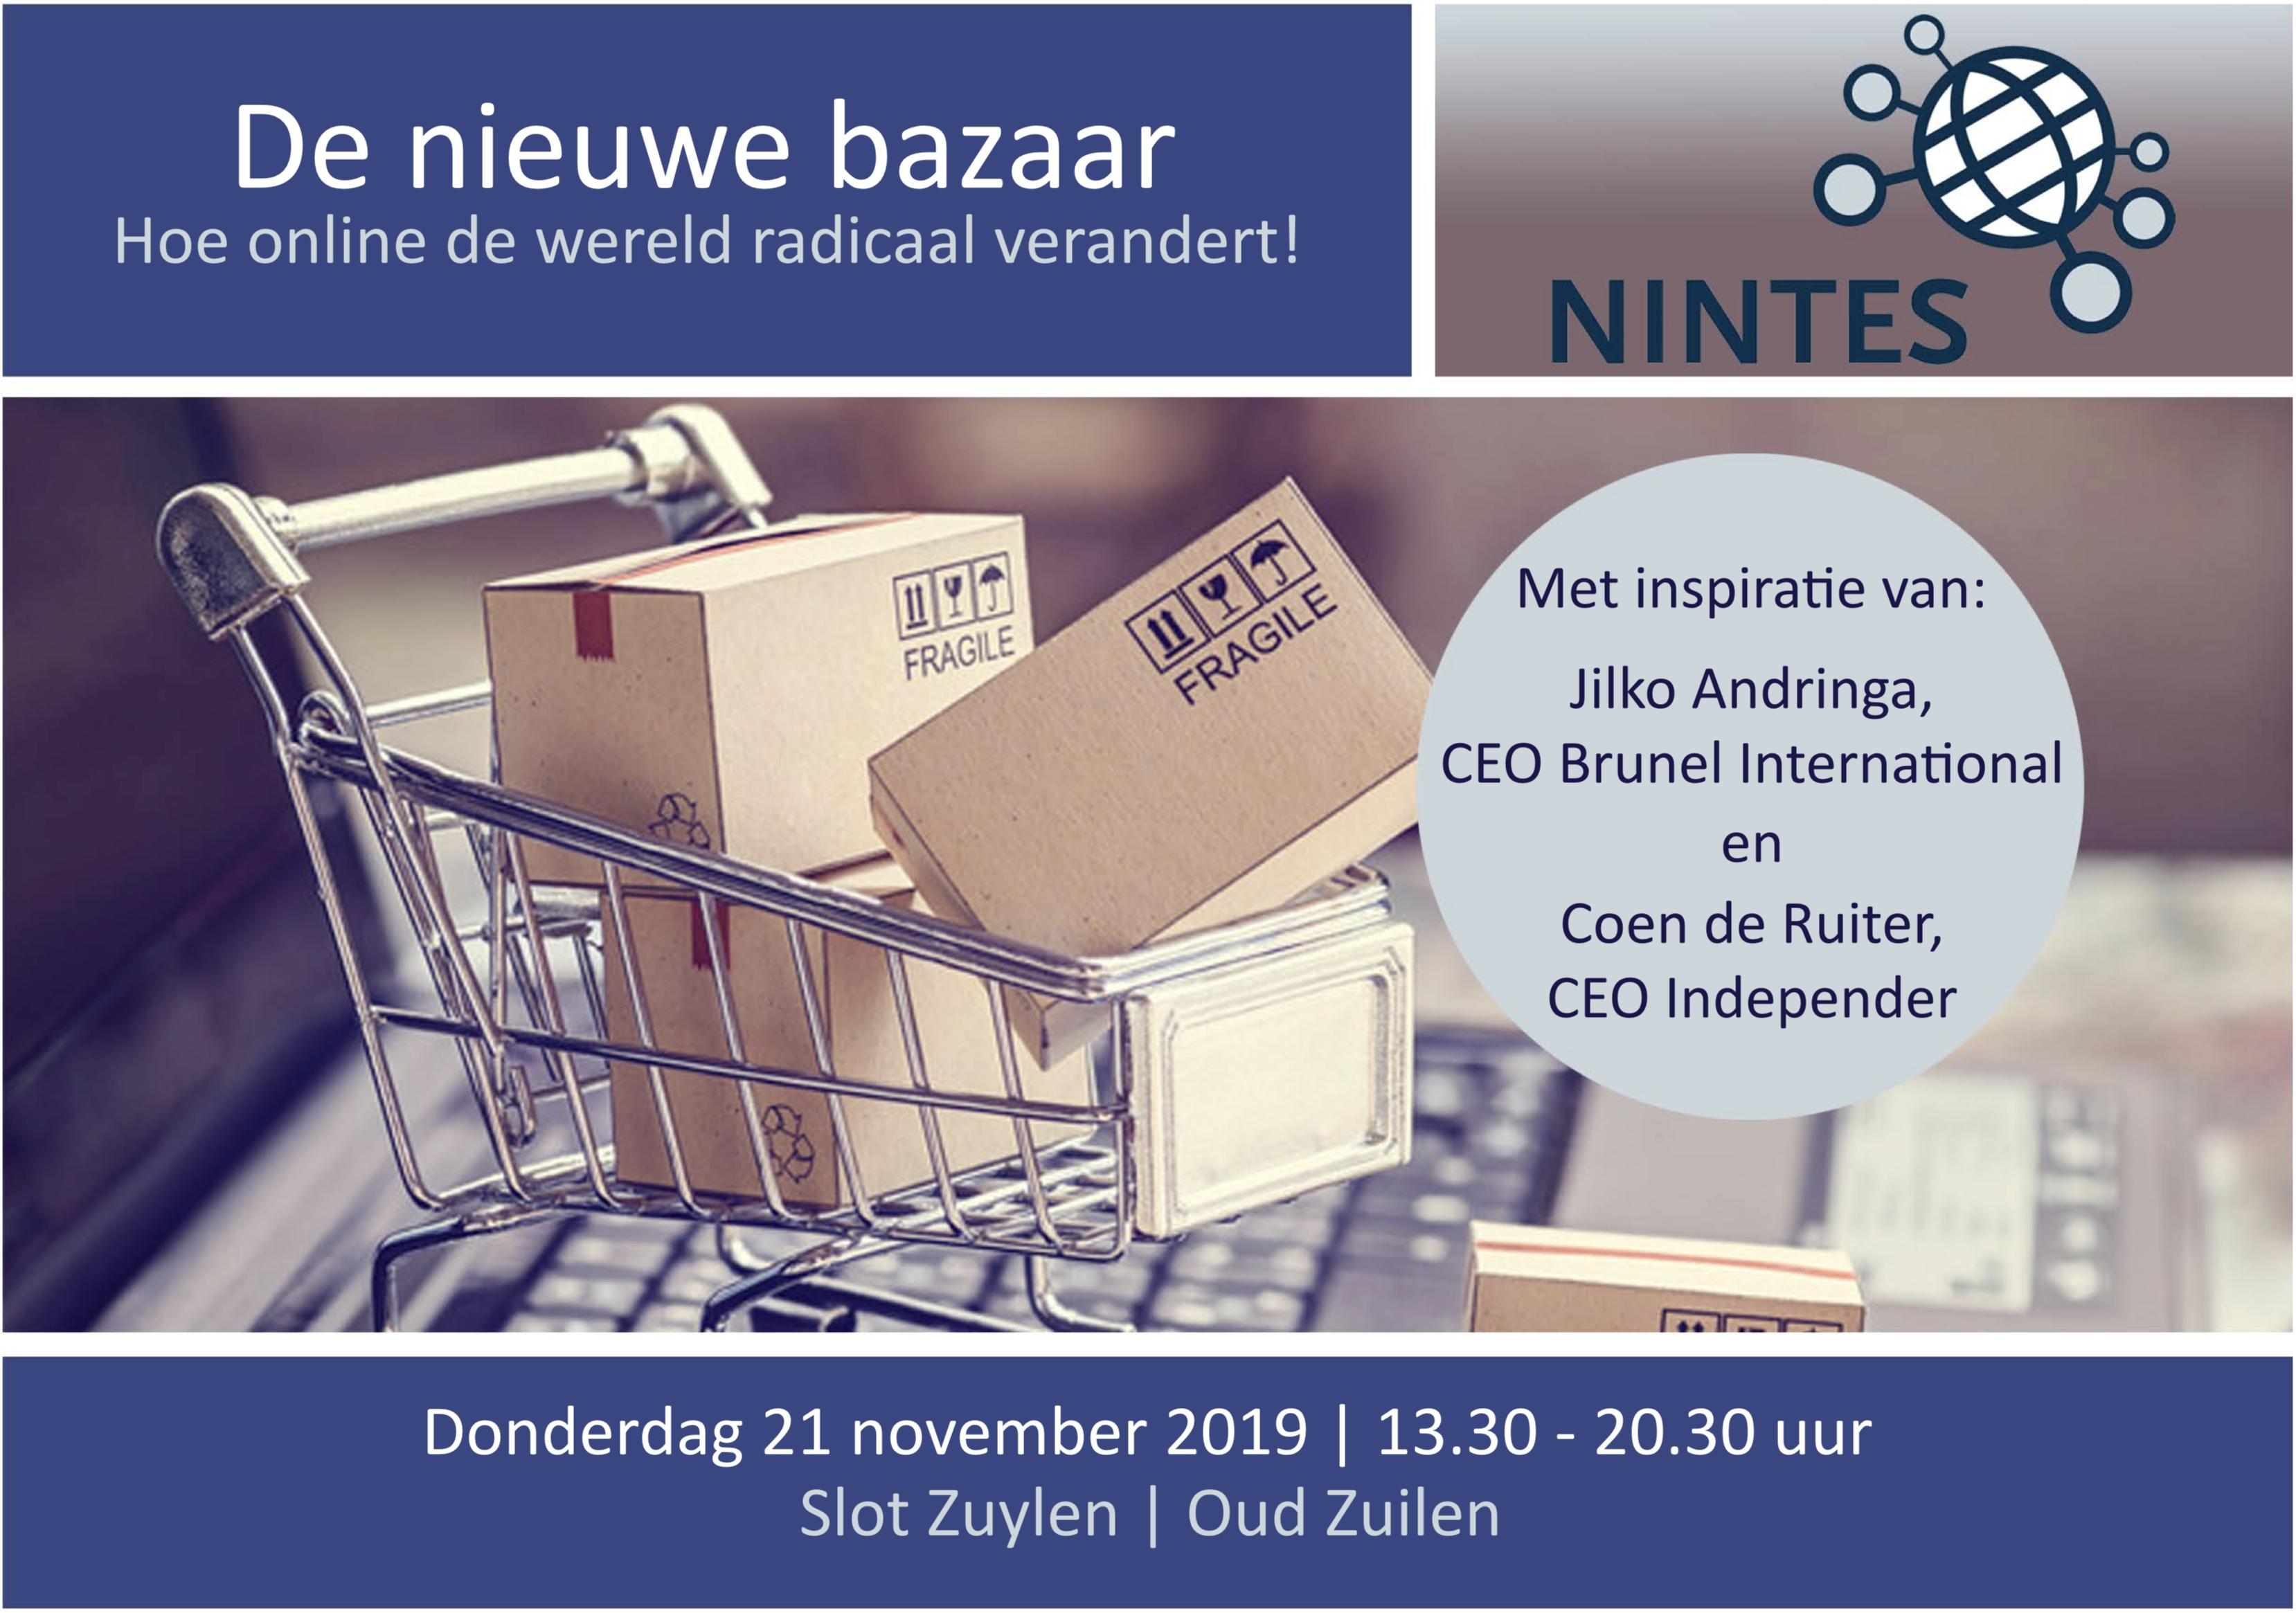 Nintes: De nieuwe bazaar